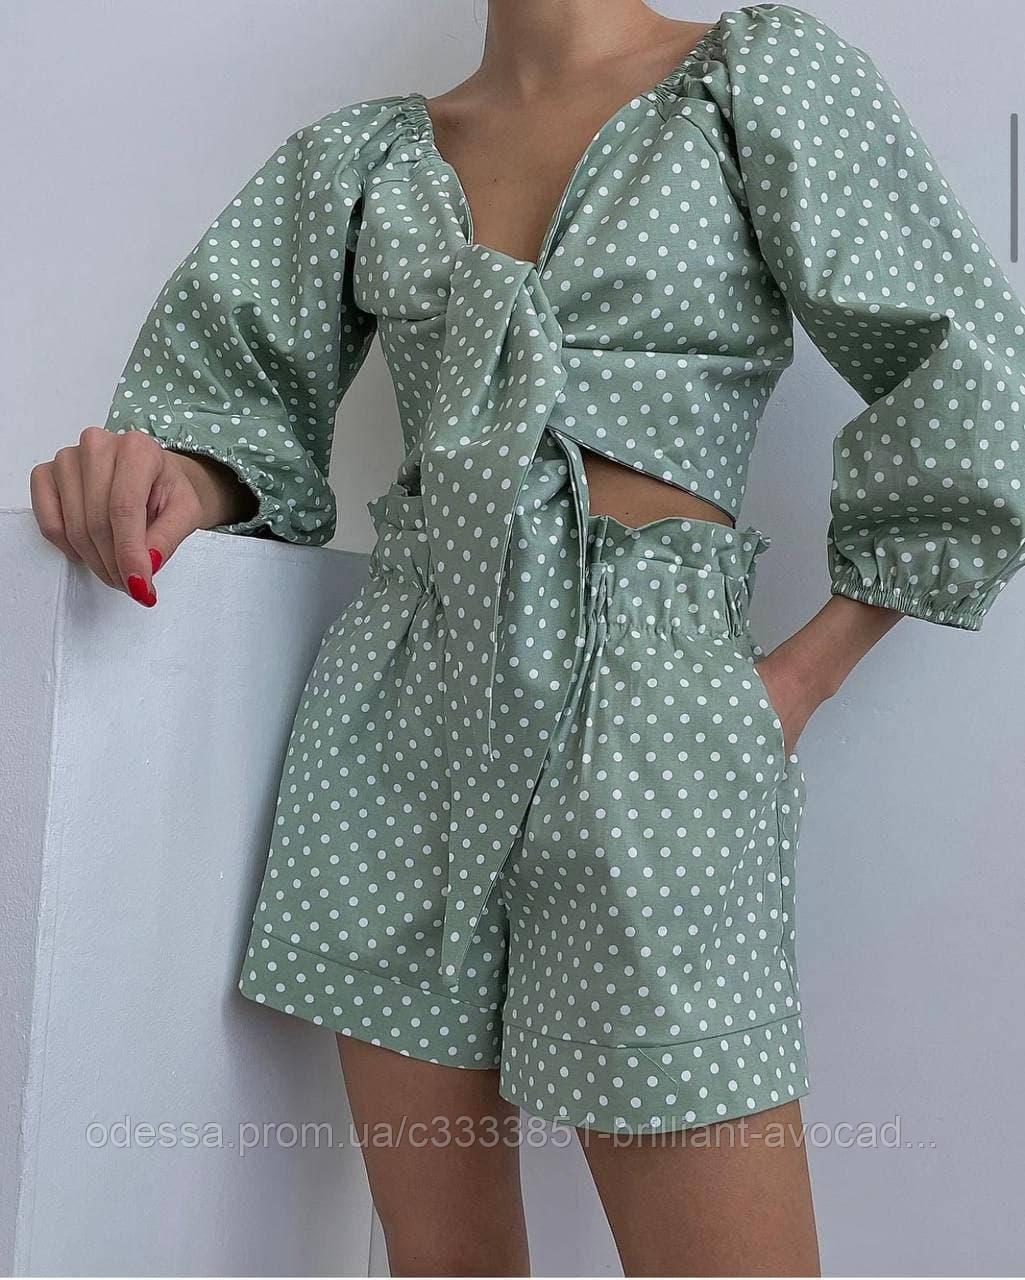 Жіночий літній модний костюм двійка (топ на зав'язці і шорти)